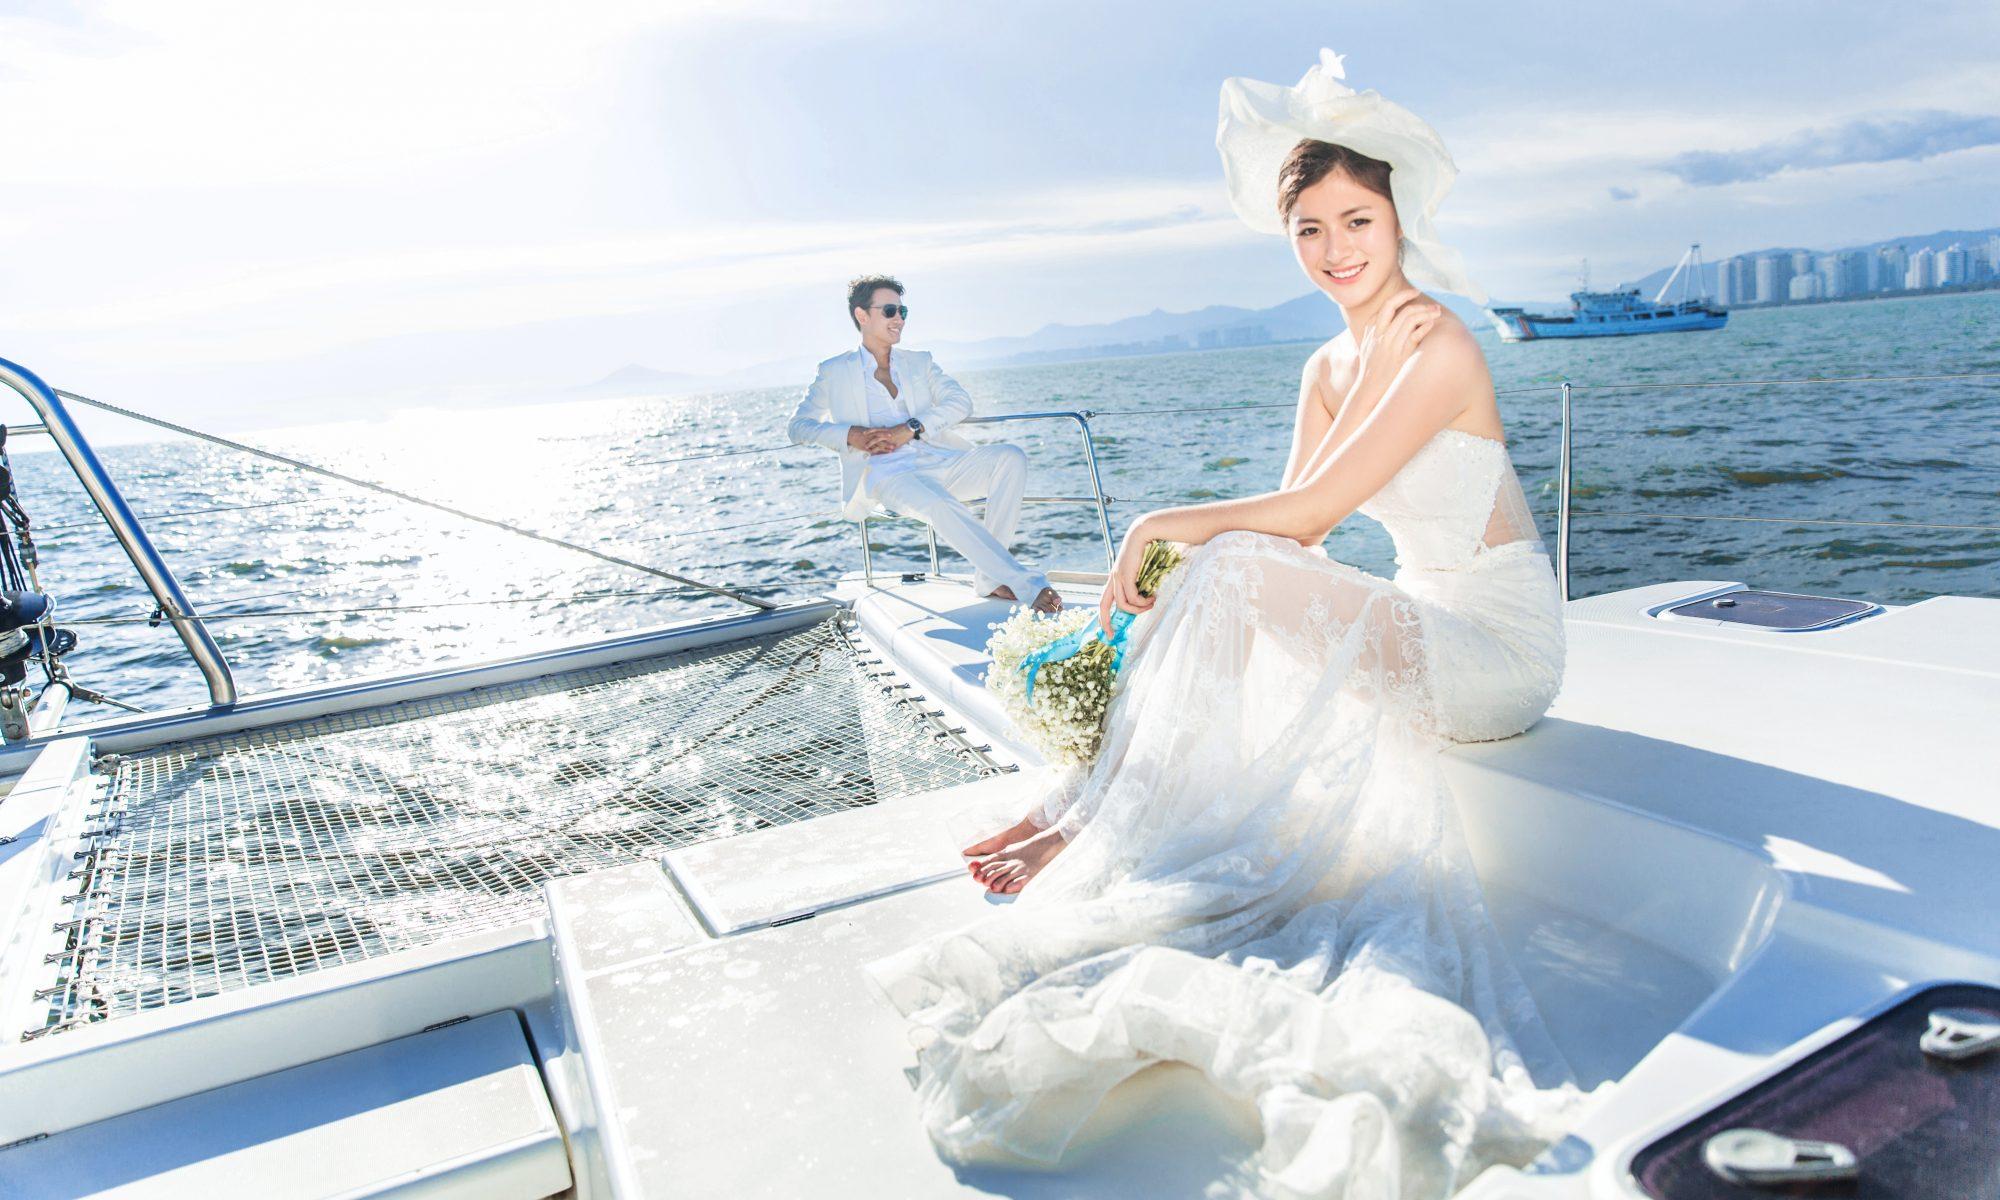 高雄OnlyArt婚紗攝影工作室-婚攝AMC